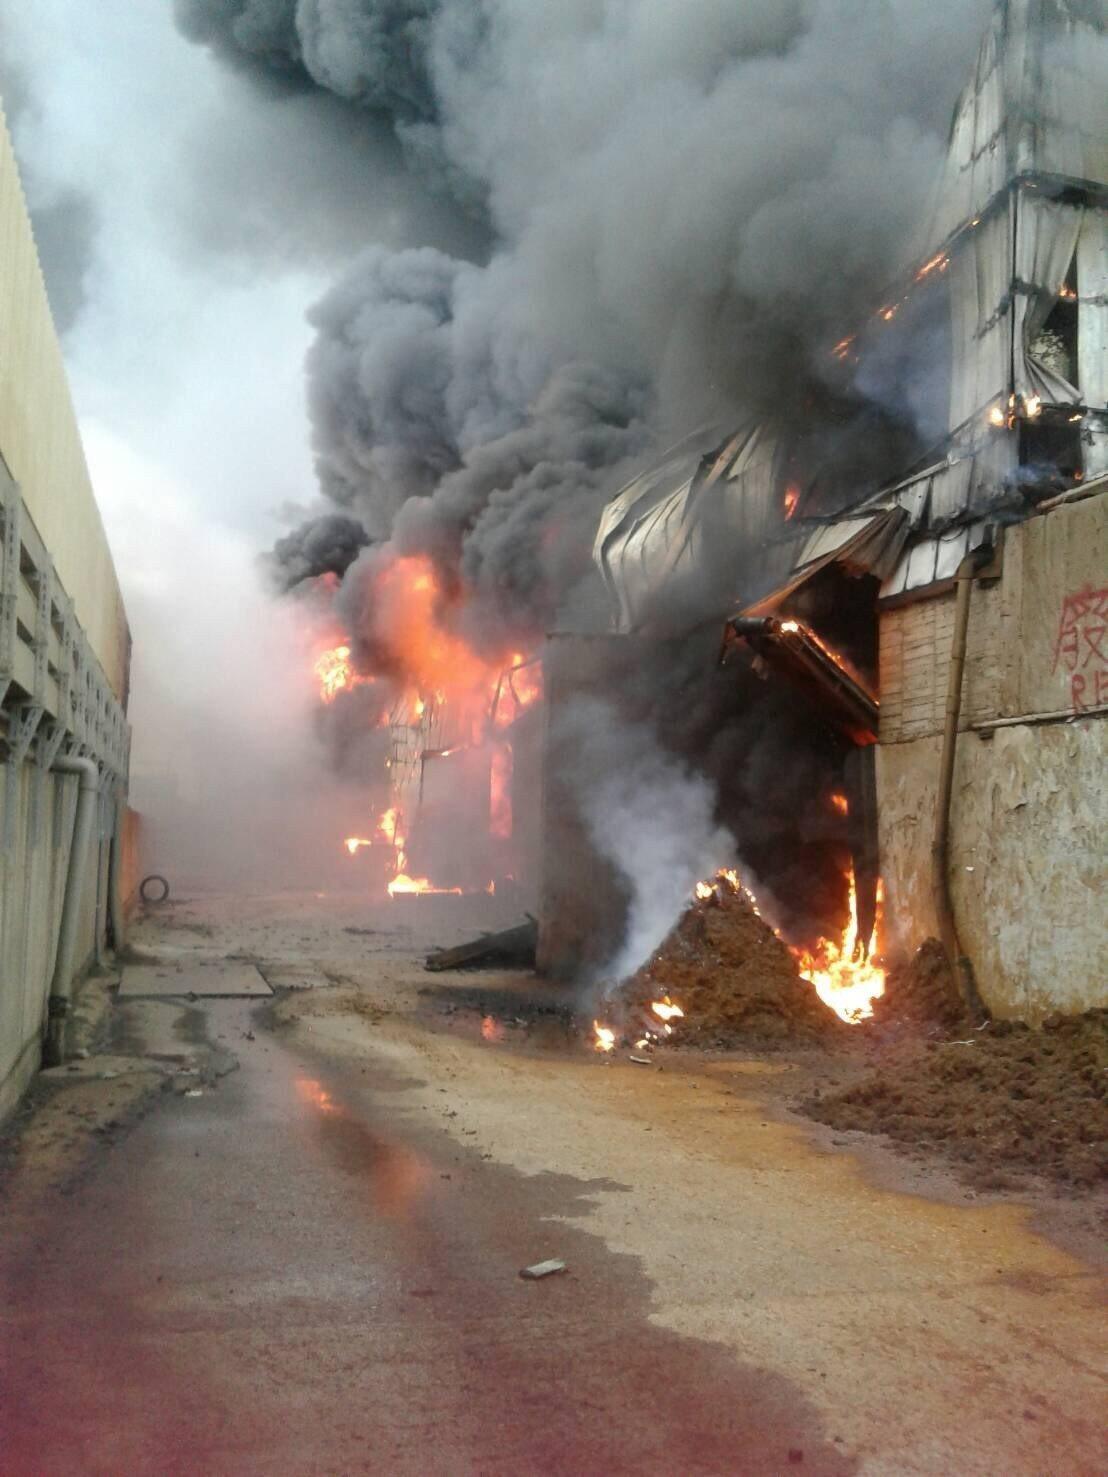 彰化縣線西鄉線工路一處資源回收工廠下午約4點發生火警,濃濃黑煙竄燒。圖/縣府提供